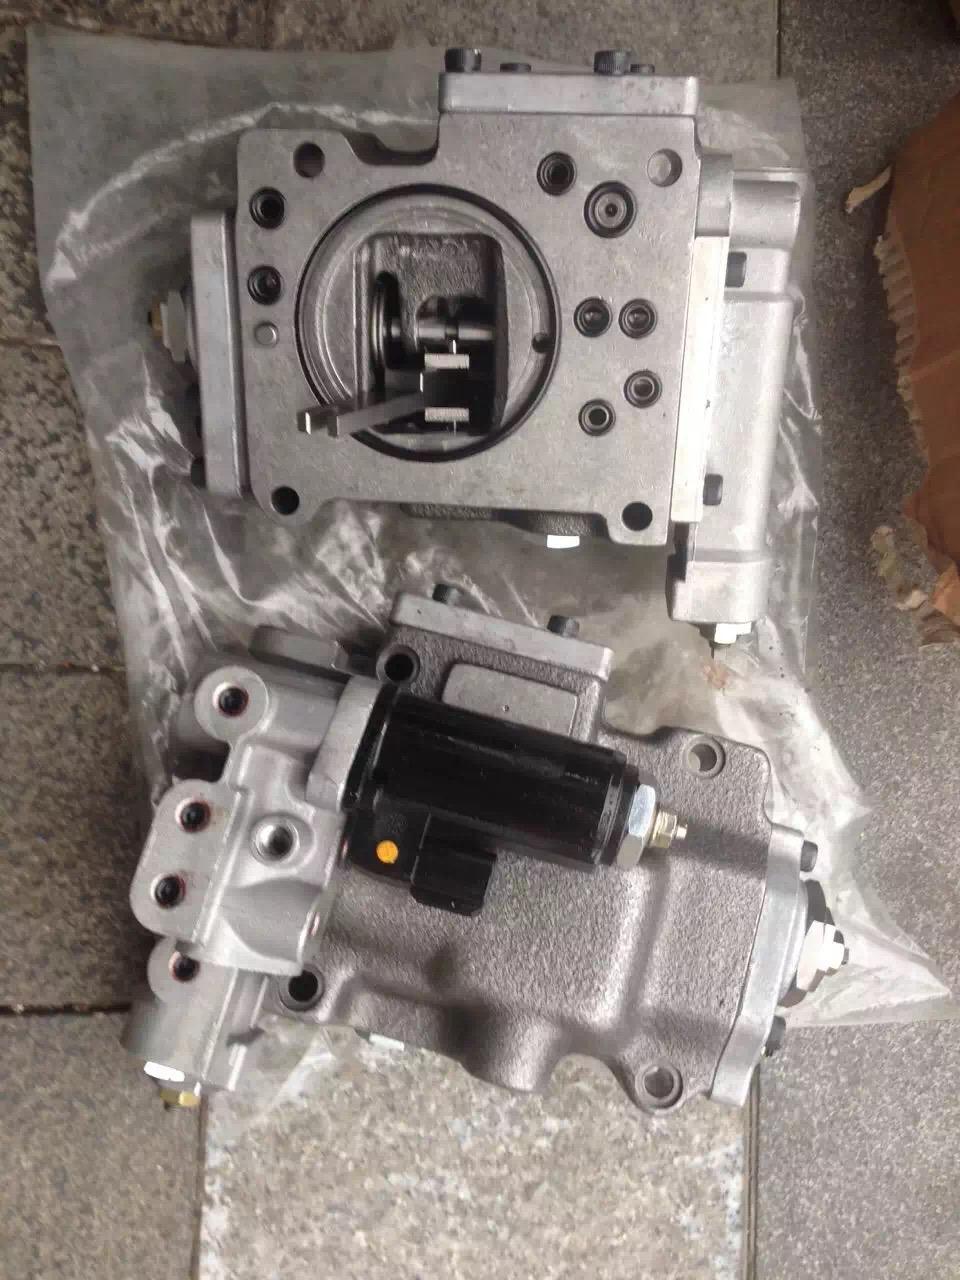 Regulator for Sk200-6 Hydraulic Pump